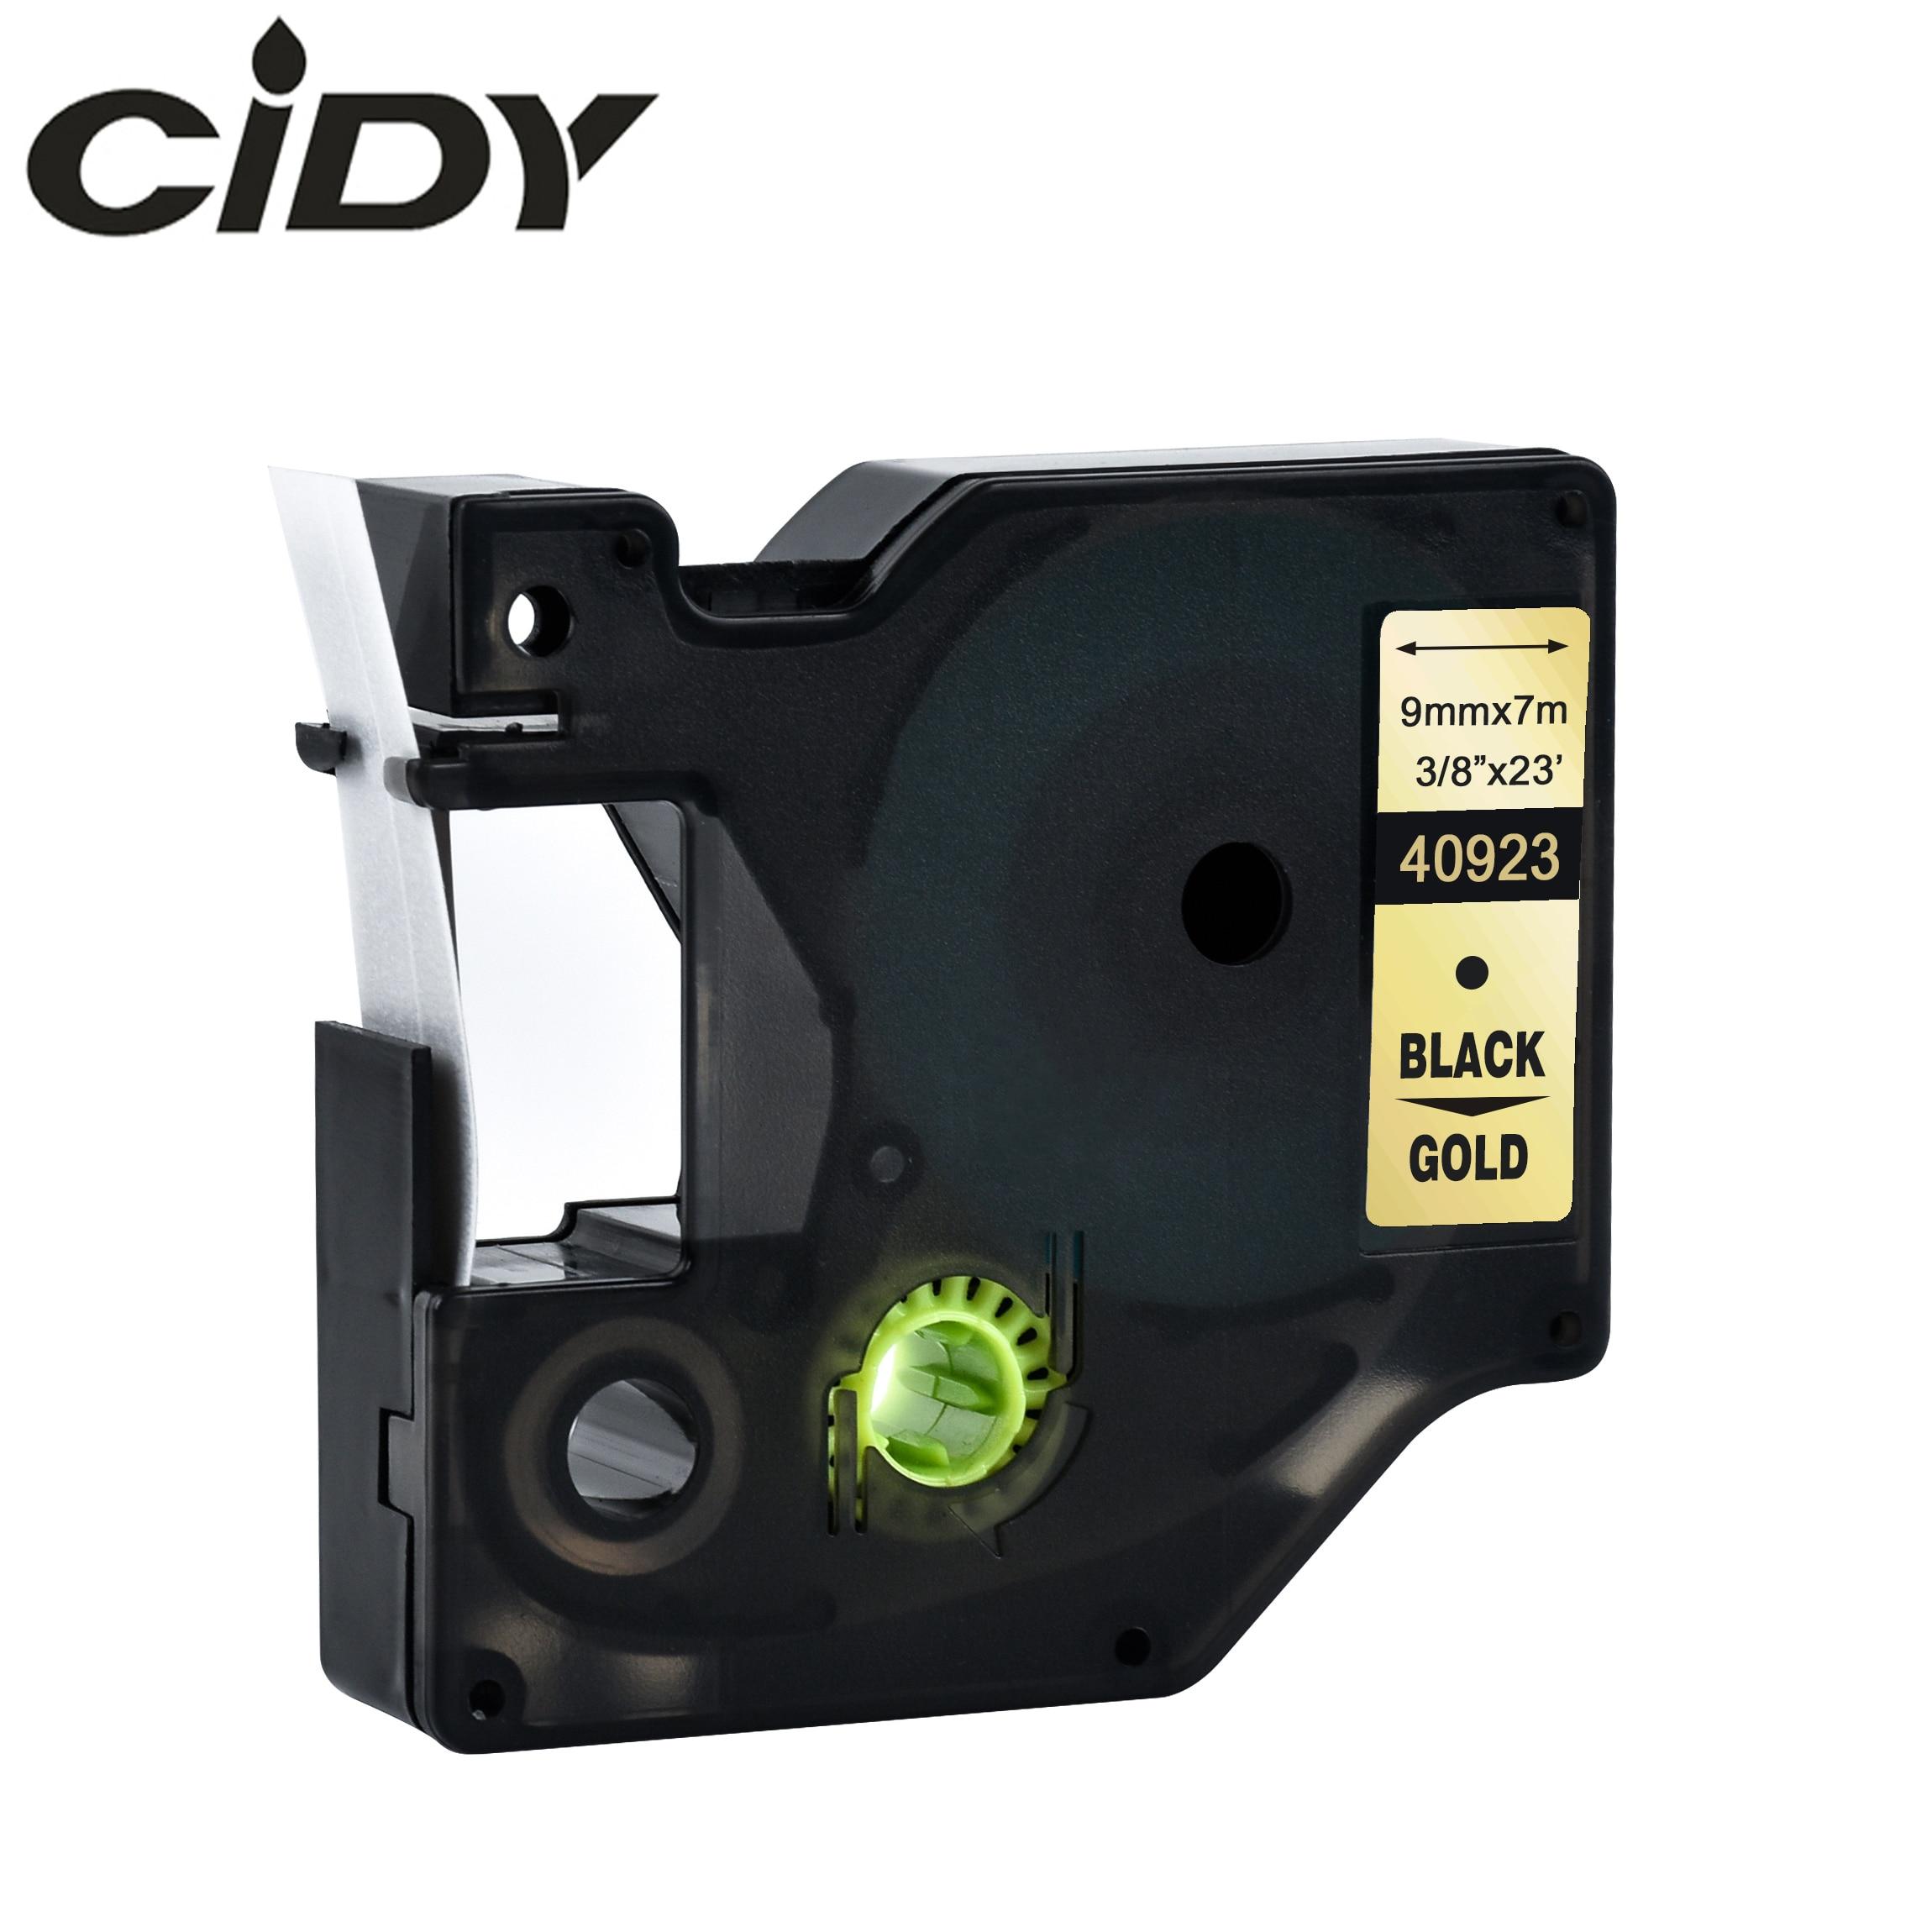 Cidy 40923 совместимый с DYMO D1 manager 9 мм черный на золотом принтер для этикеток dymo Кассета для Dymo label manager LM 160 280